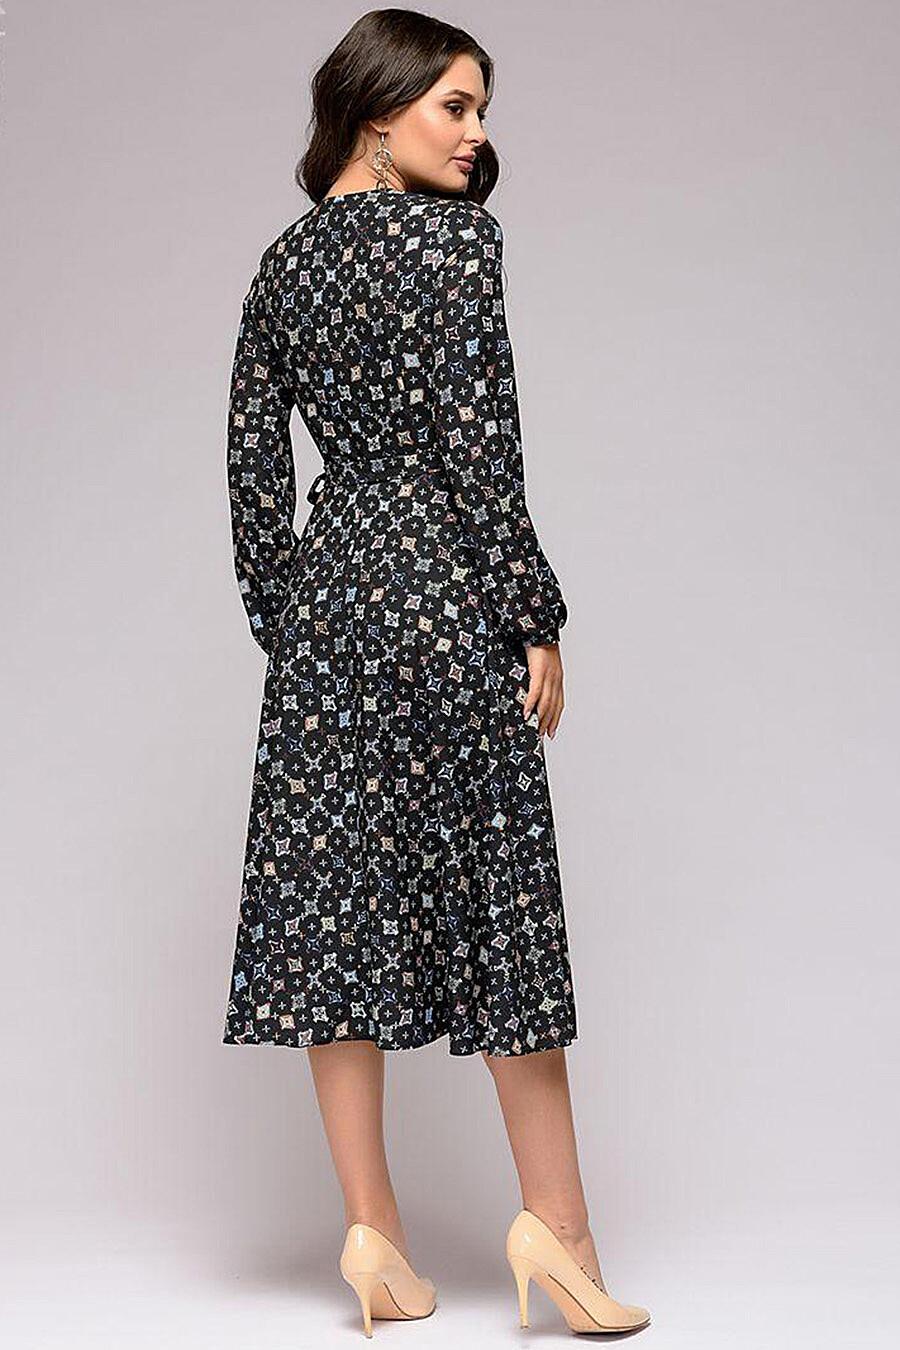 Платье для женщин 1001 DRESS 131236 купить оптом от производителя. Совместная покупка женской одежды в OptMoyo